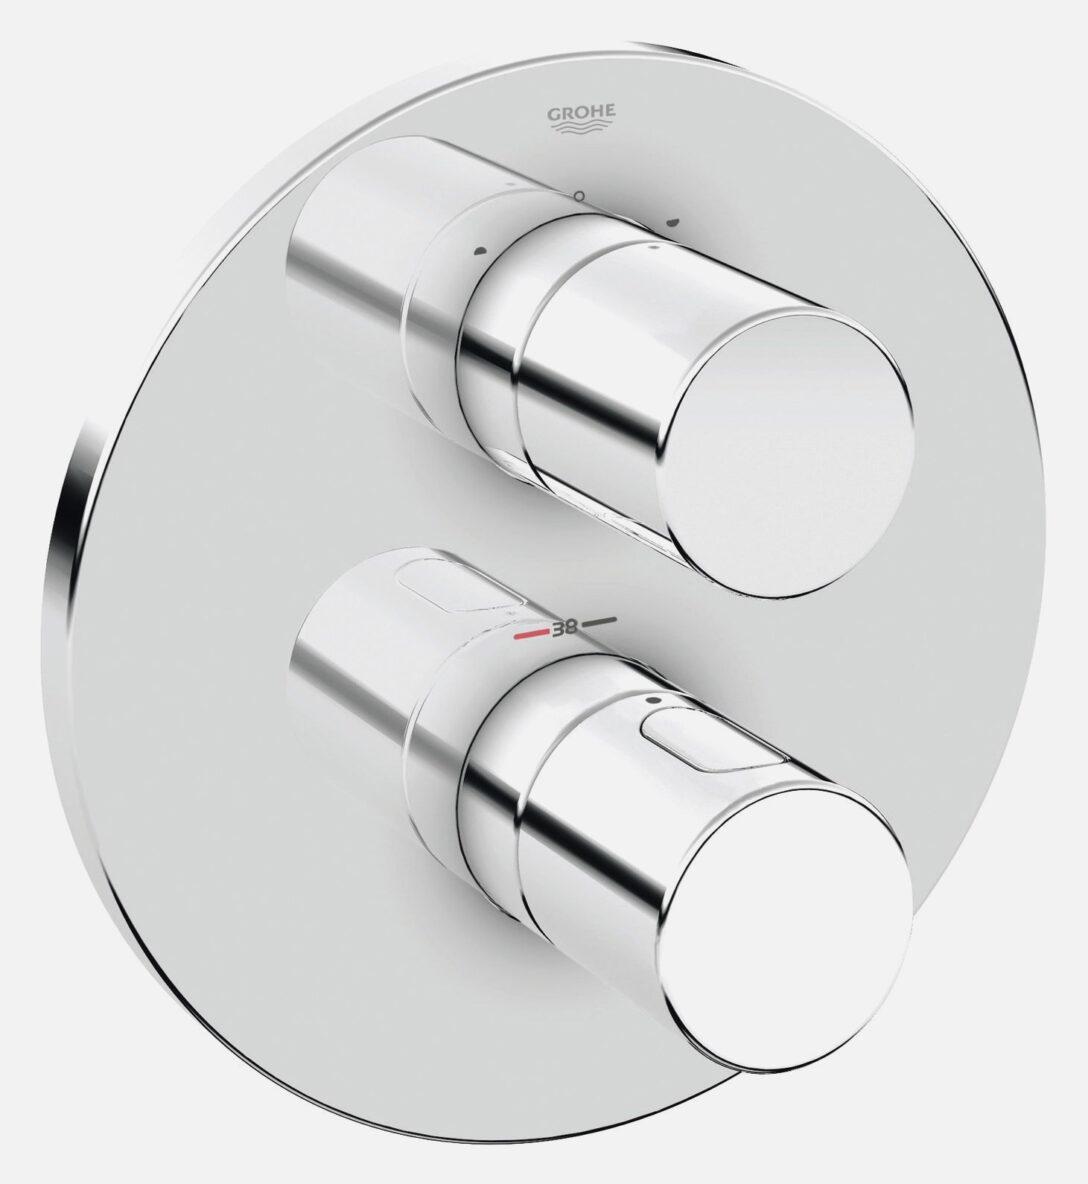 Large Size of Grohe Thermostat Dusche 90x90 Nischentür Glastrennwand Ebenerdige Kosten Anal Komplett Set Einbauen 80x80 Mischbatterie Schulte Duschen Hüppe Bluetooth Dusche Grohe Thermostat Dusche